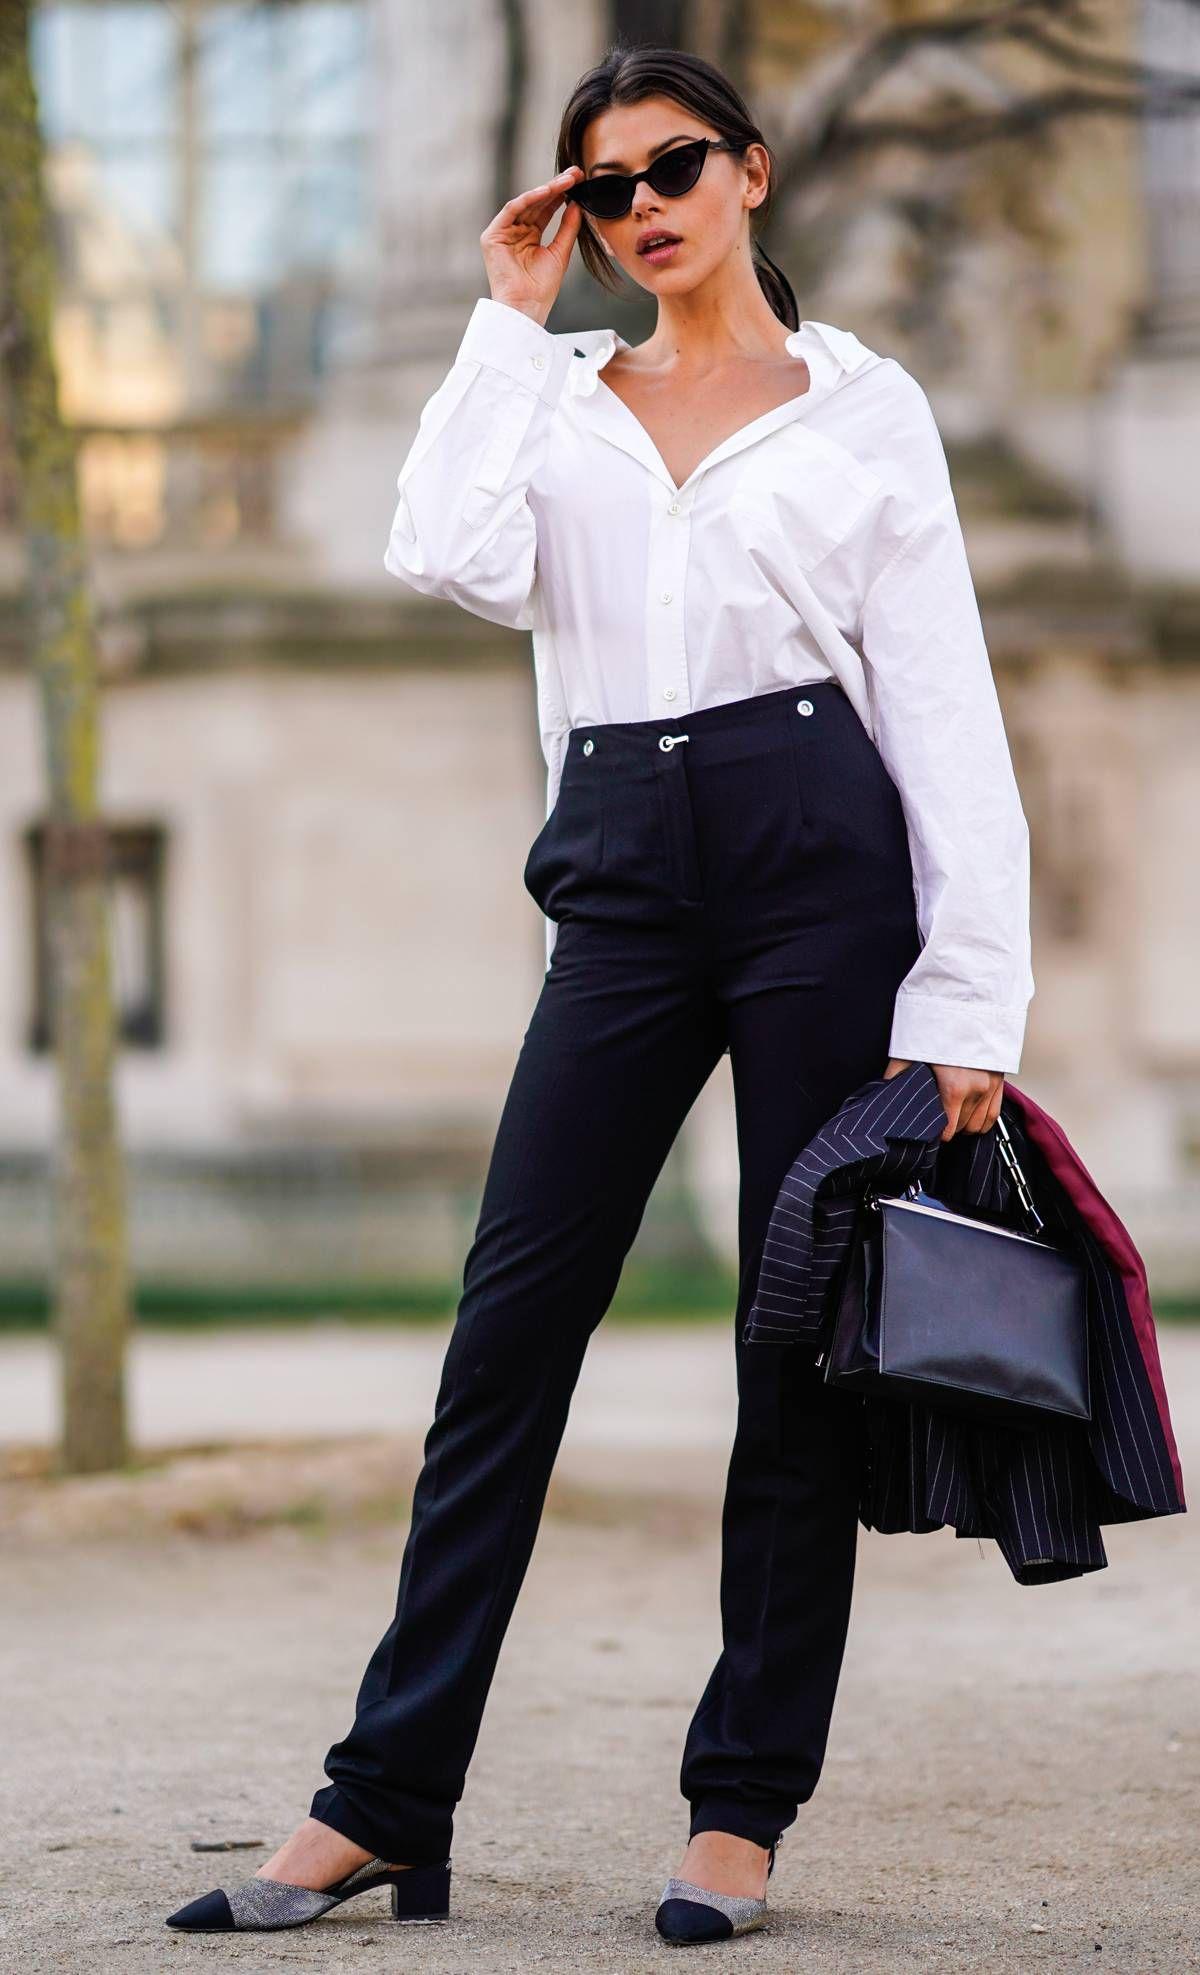 fashionista mặc áo sơmi trắng và quần tây đen